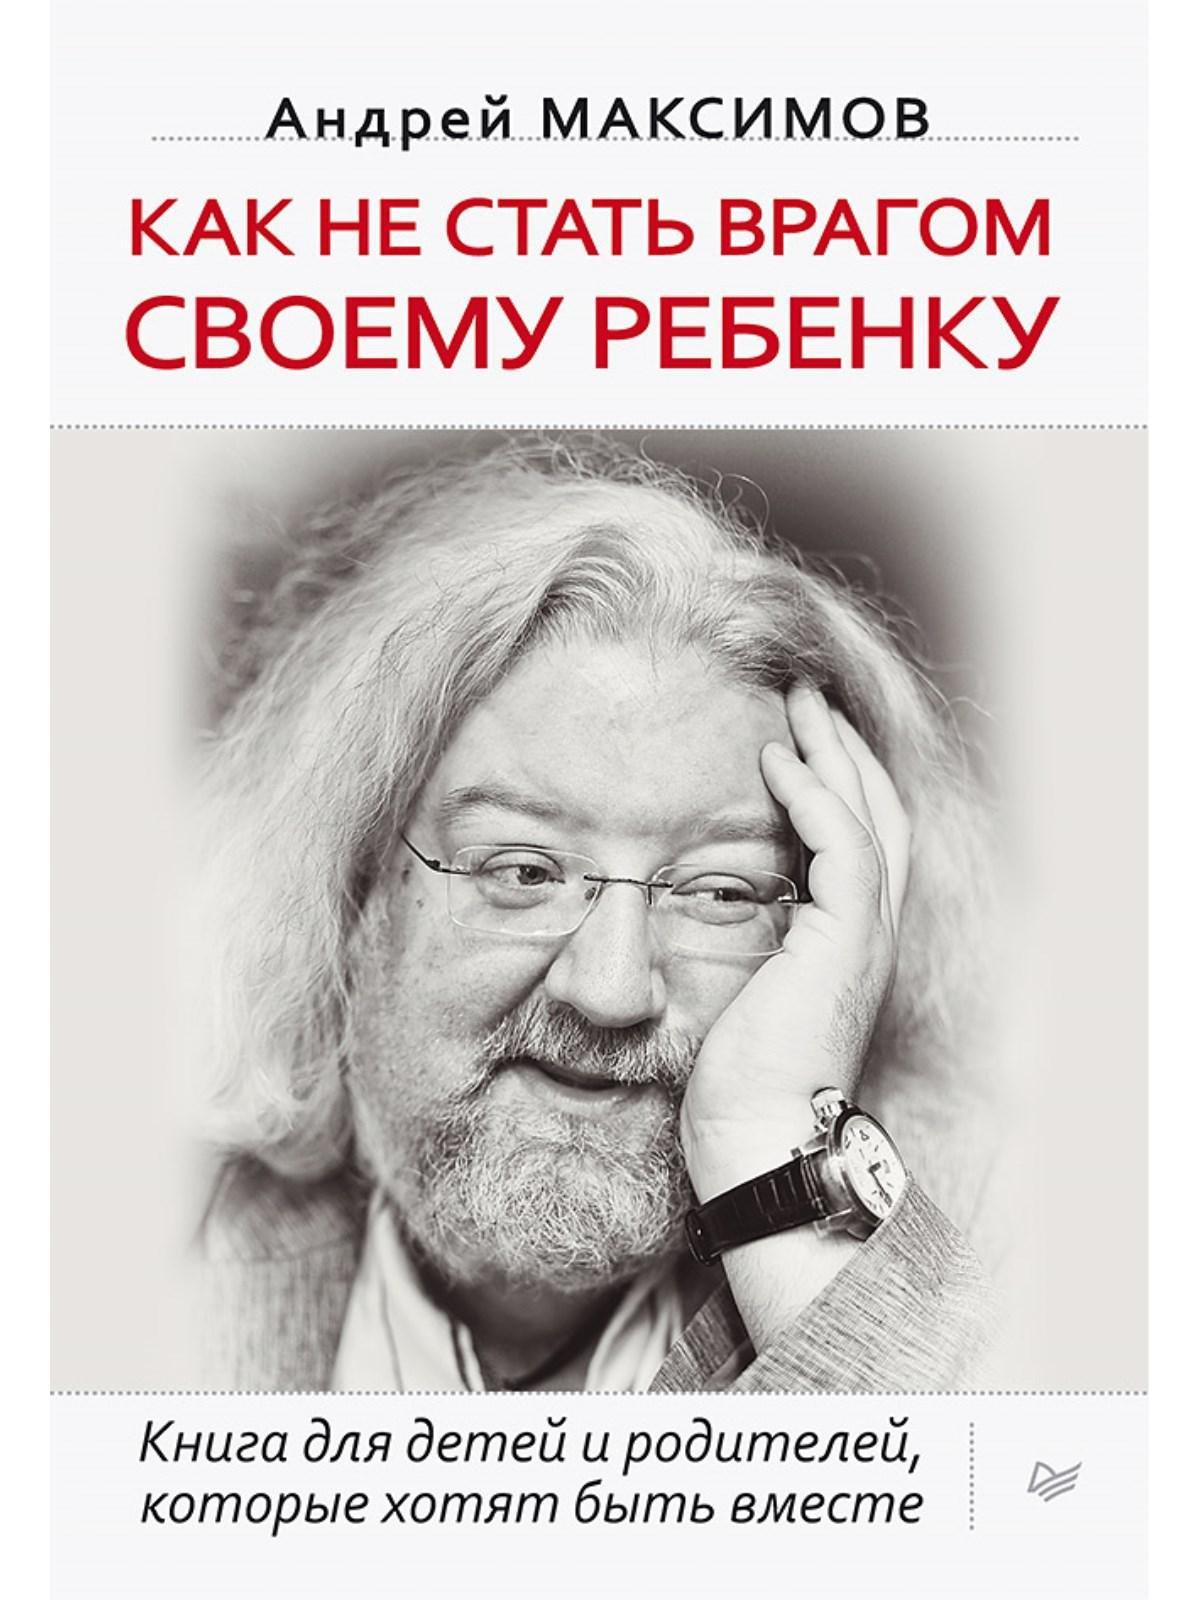 Максимов Андрей Маркович Как не стать врагом своему ребенку Книга для детей и родителей, которые хотят быть вместе